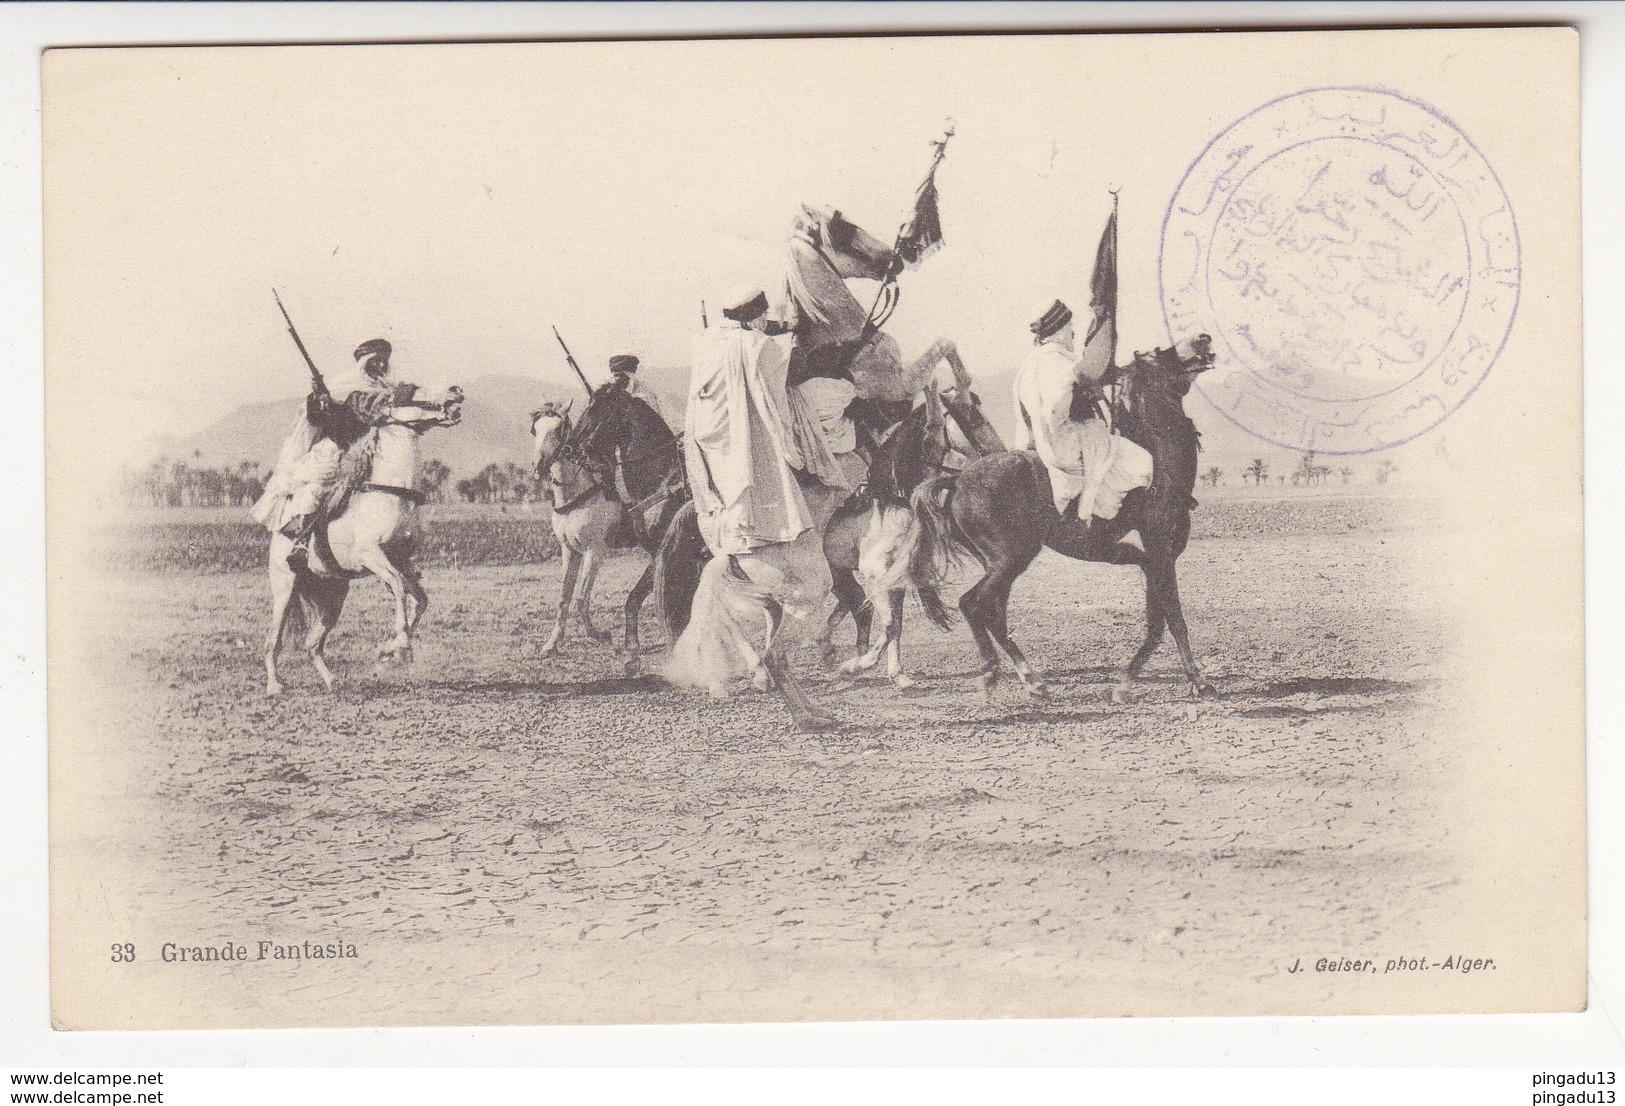 Au Plus Rapide Debdou Maroc Oriental 30 Janvier 1915 Sceau D'un Caïd Dépossédé Grande Fantasia Geiser Alger - War 1914-18